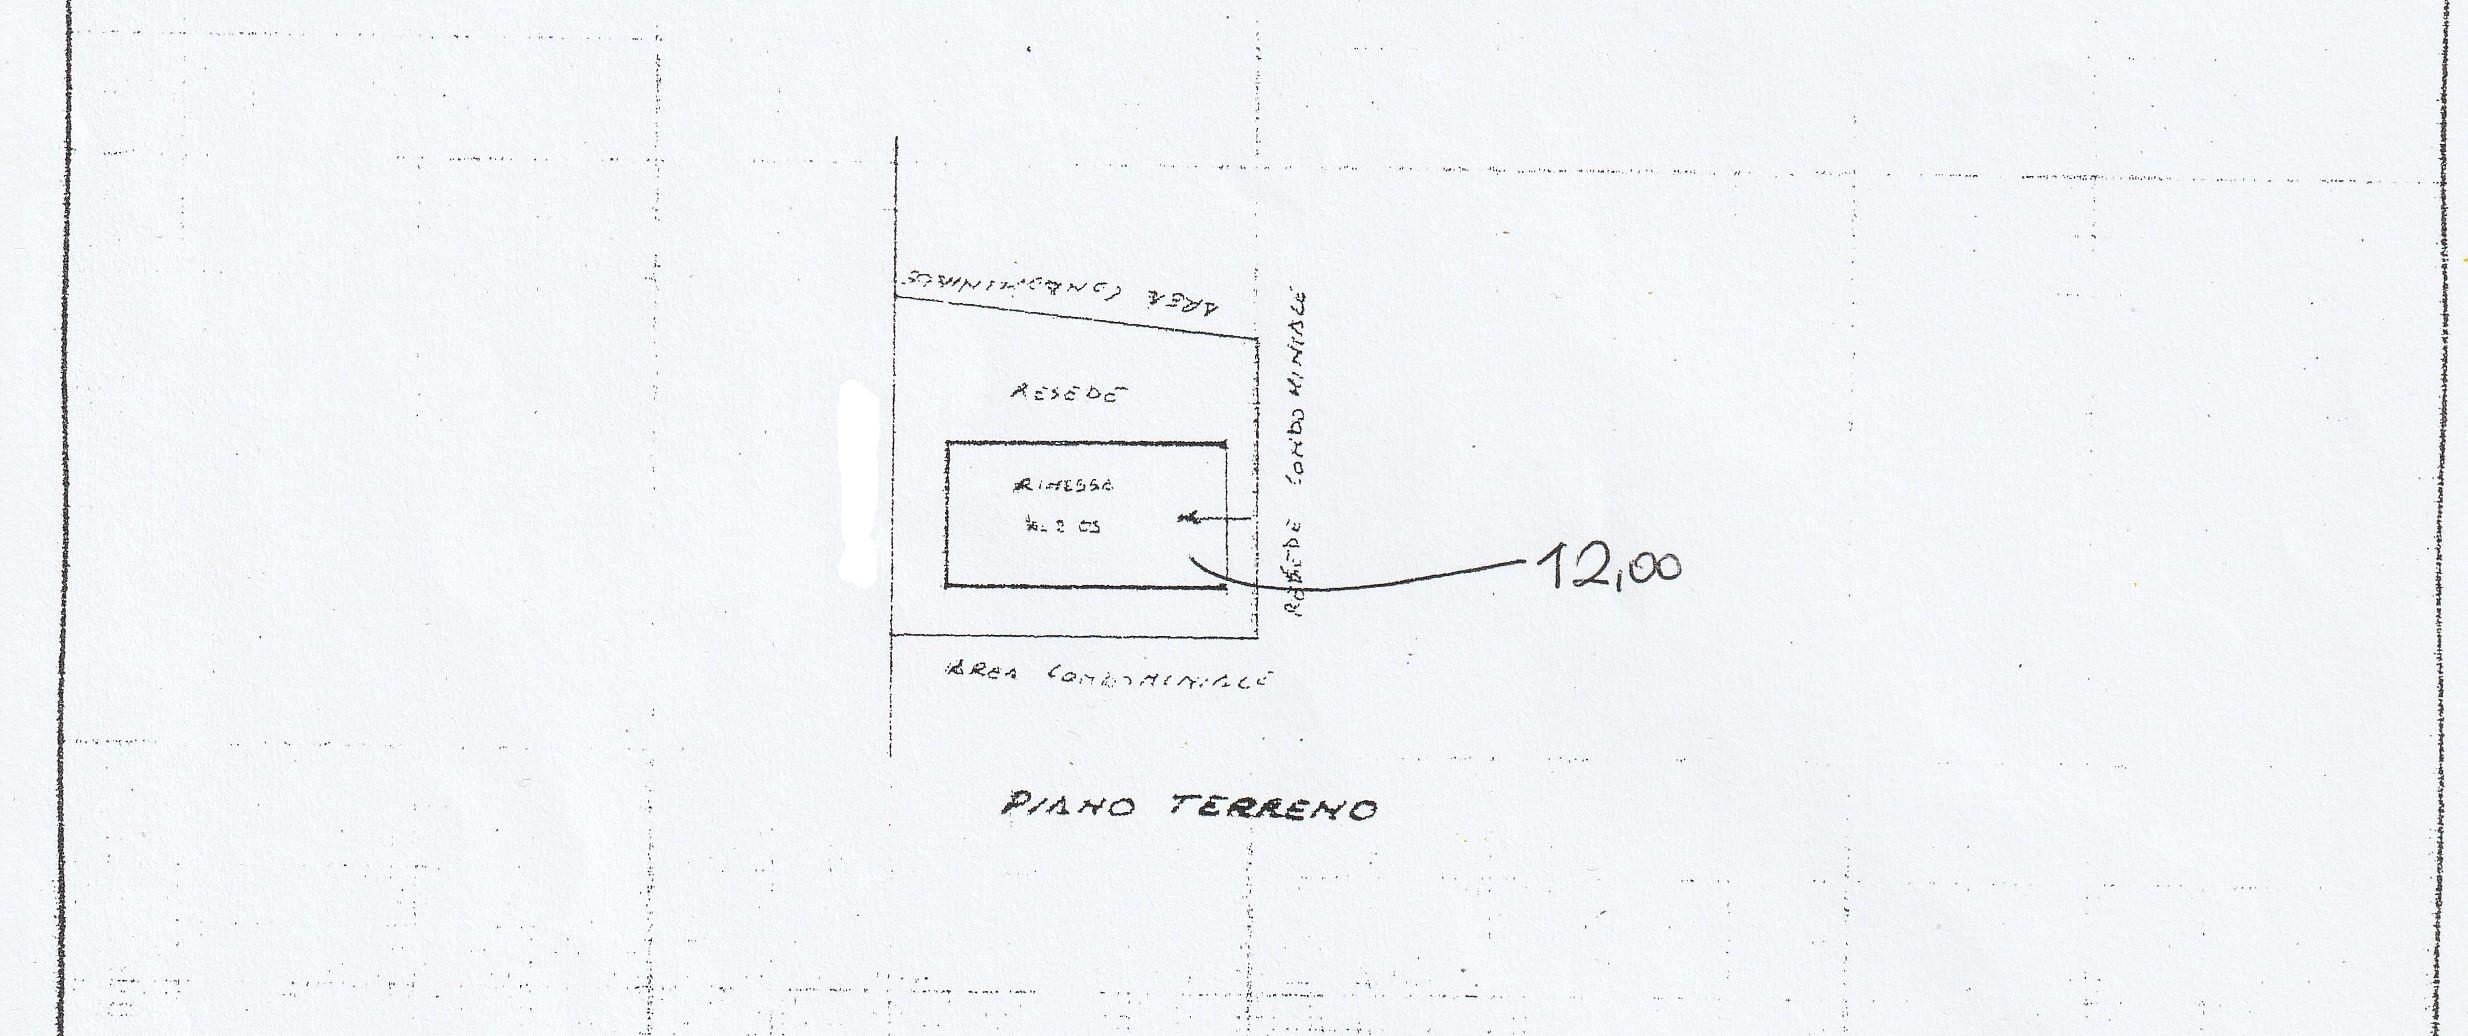 Appartamento in vendita, rif. 02394 (Planimetria 3/3)